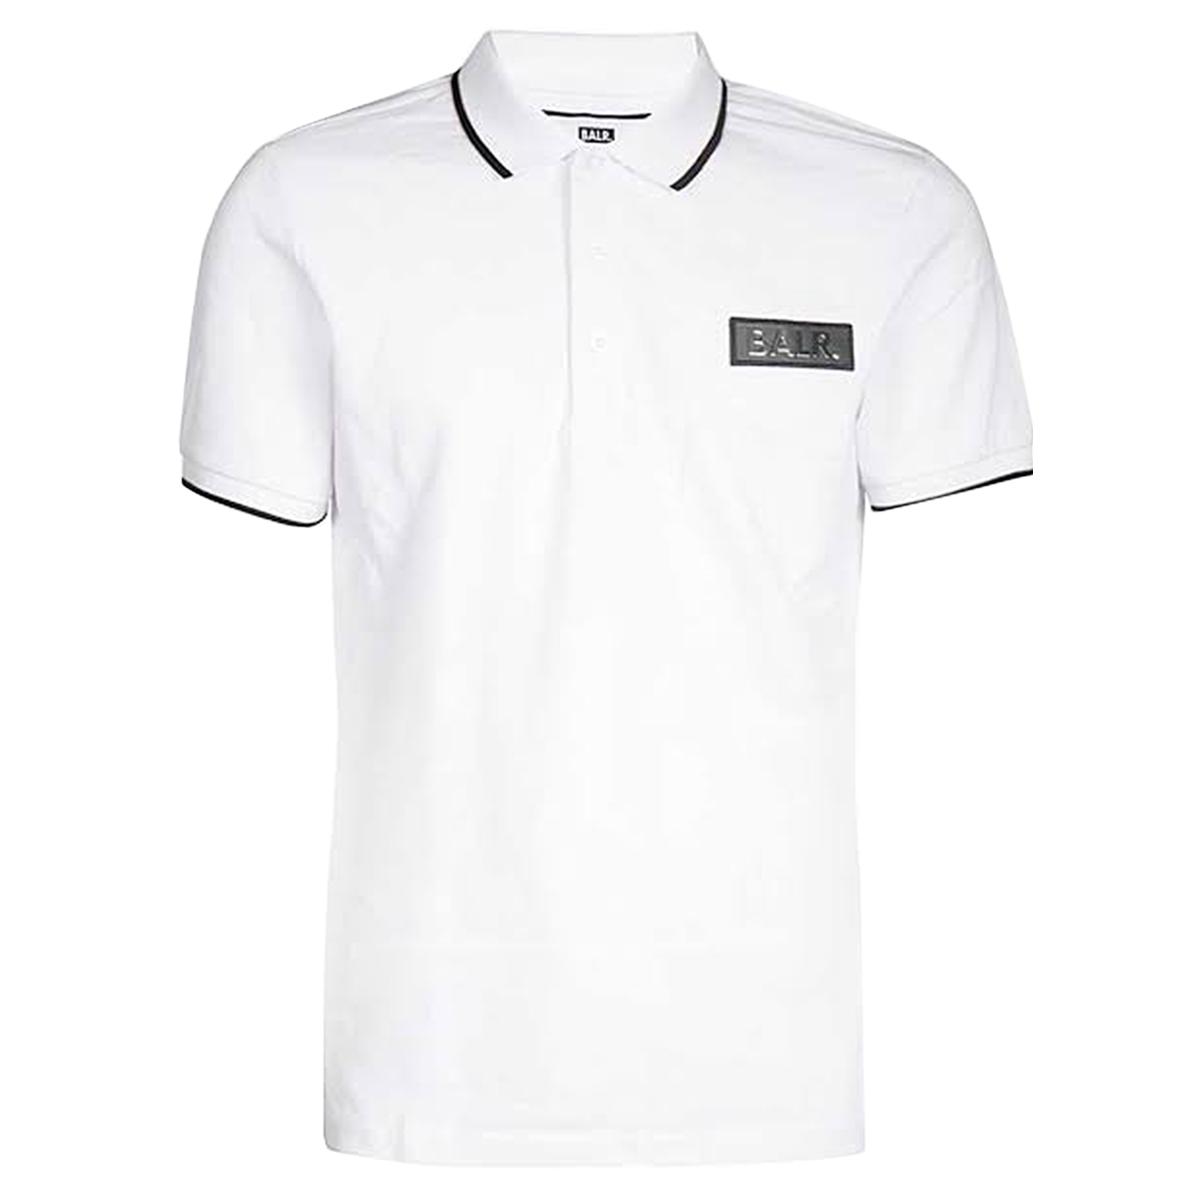 【全品送料無料】 BALR. ボーラー Brand Metal Logo Polo Shirt White Tシャツ メンズ